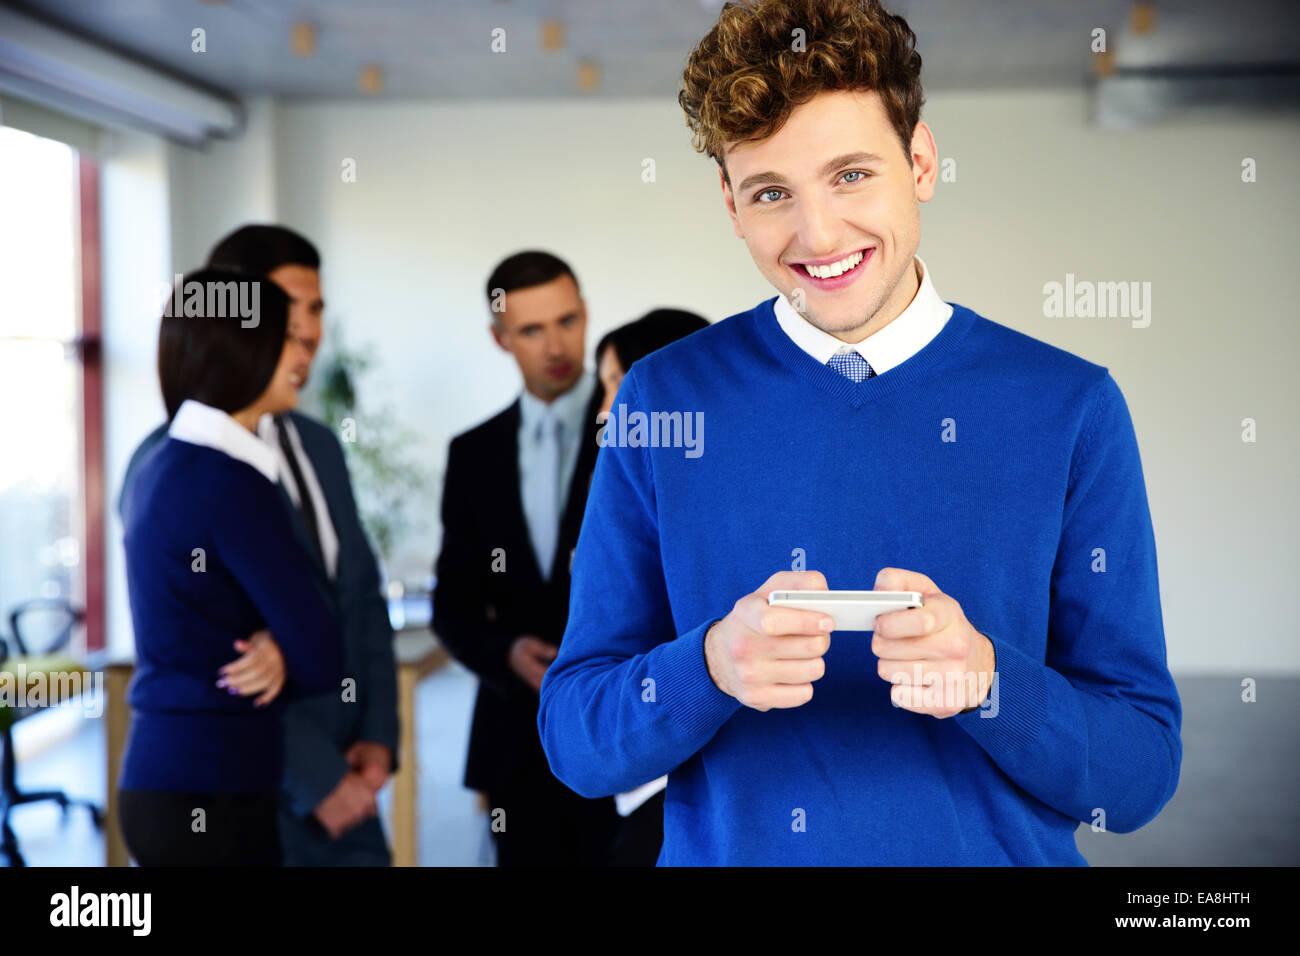 Glücklich Kaufmann mit Smartphone vor einem Kollegen Stockbild